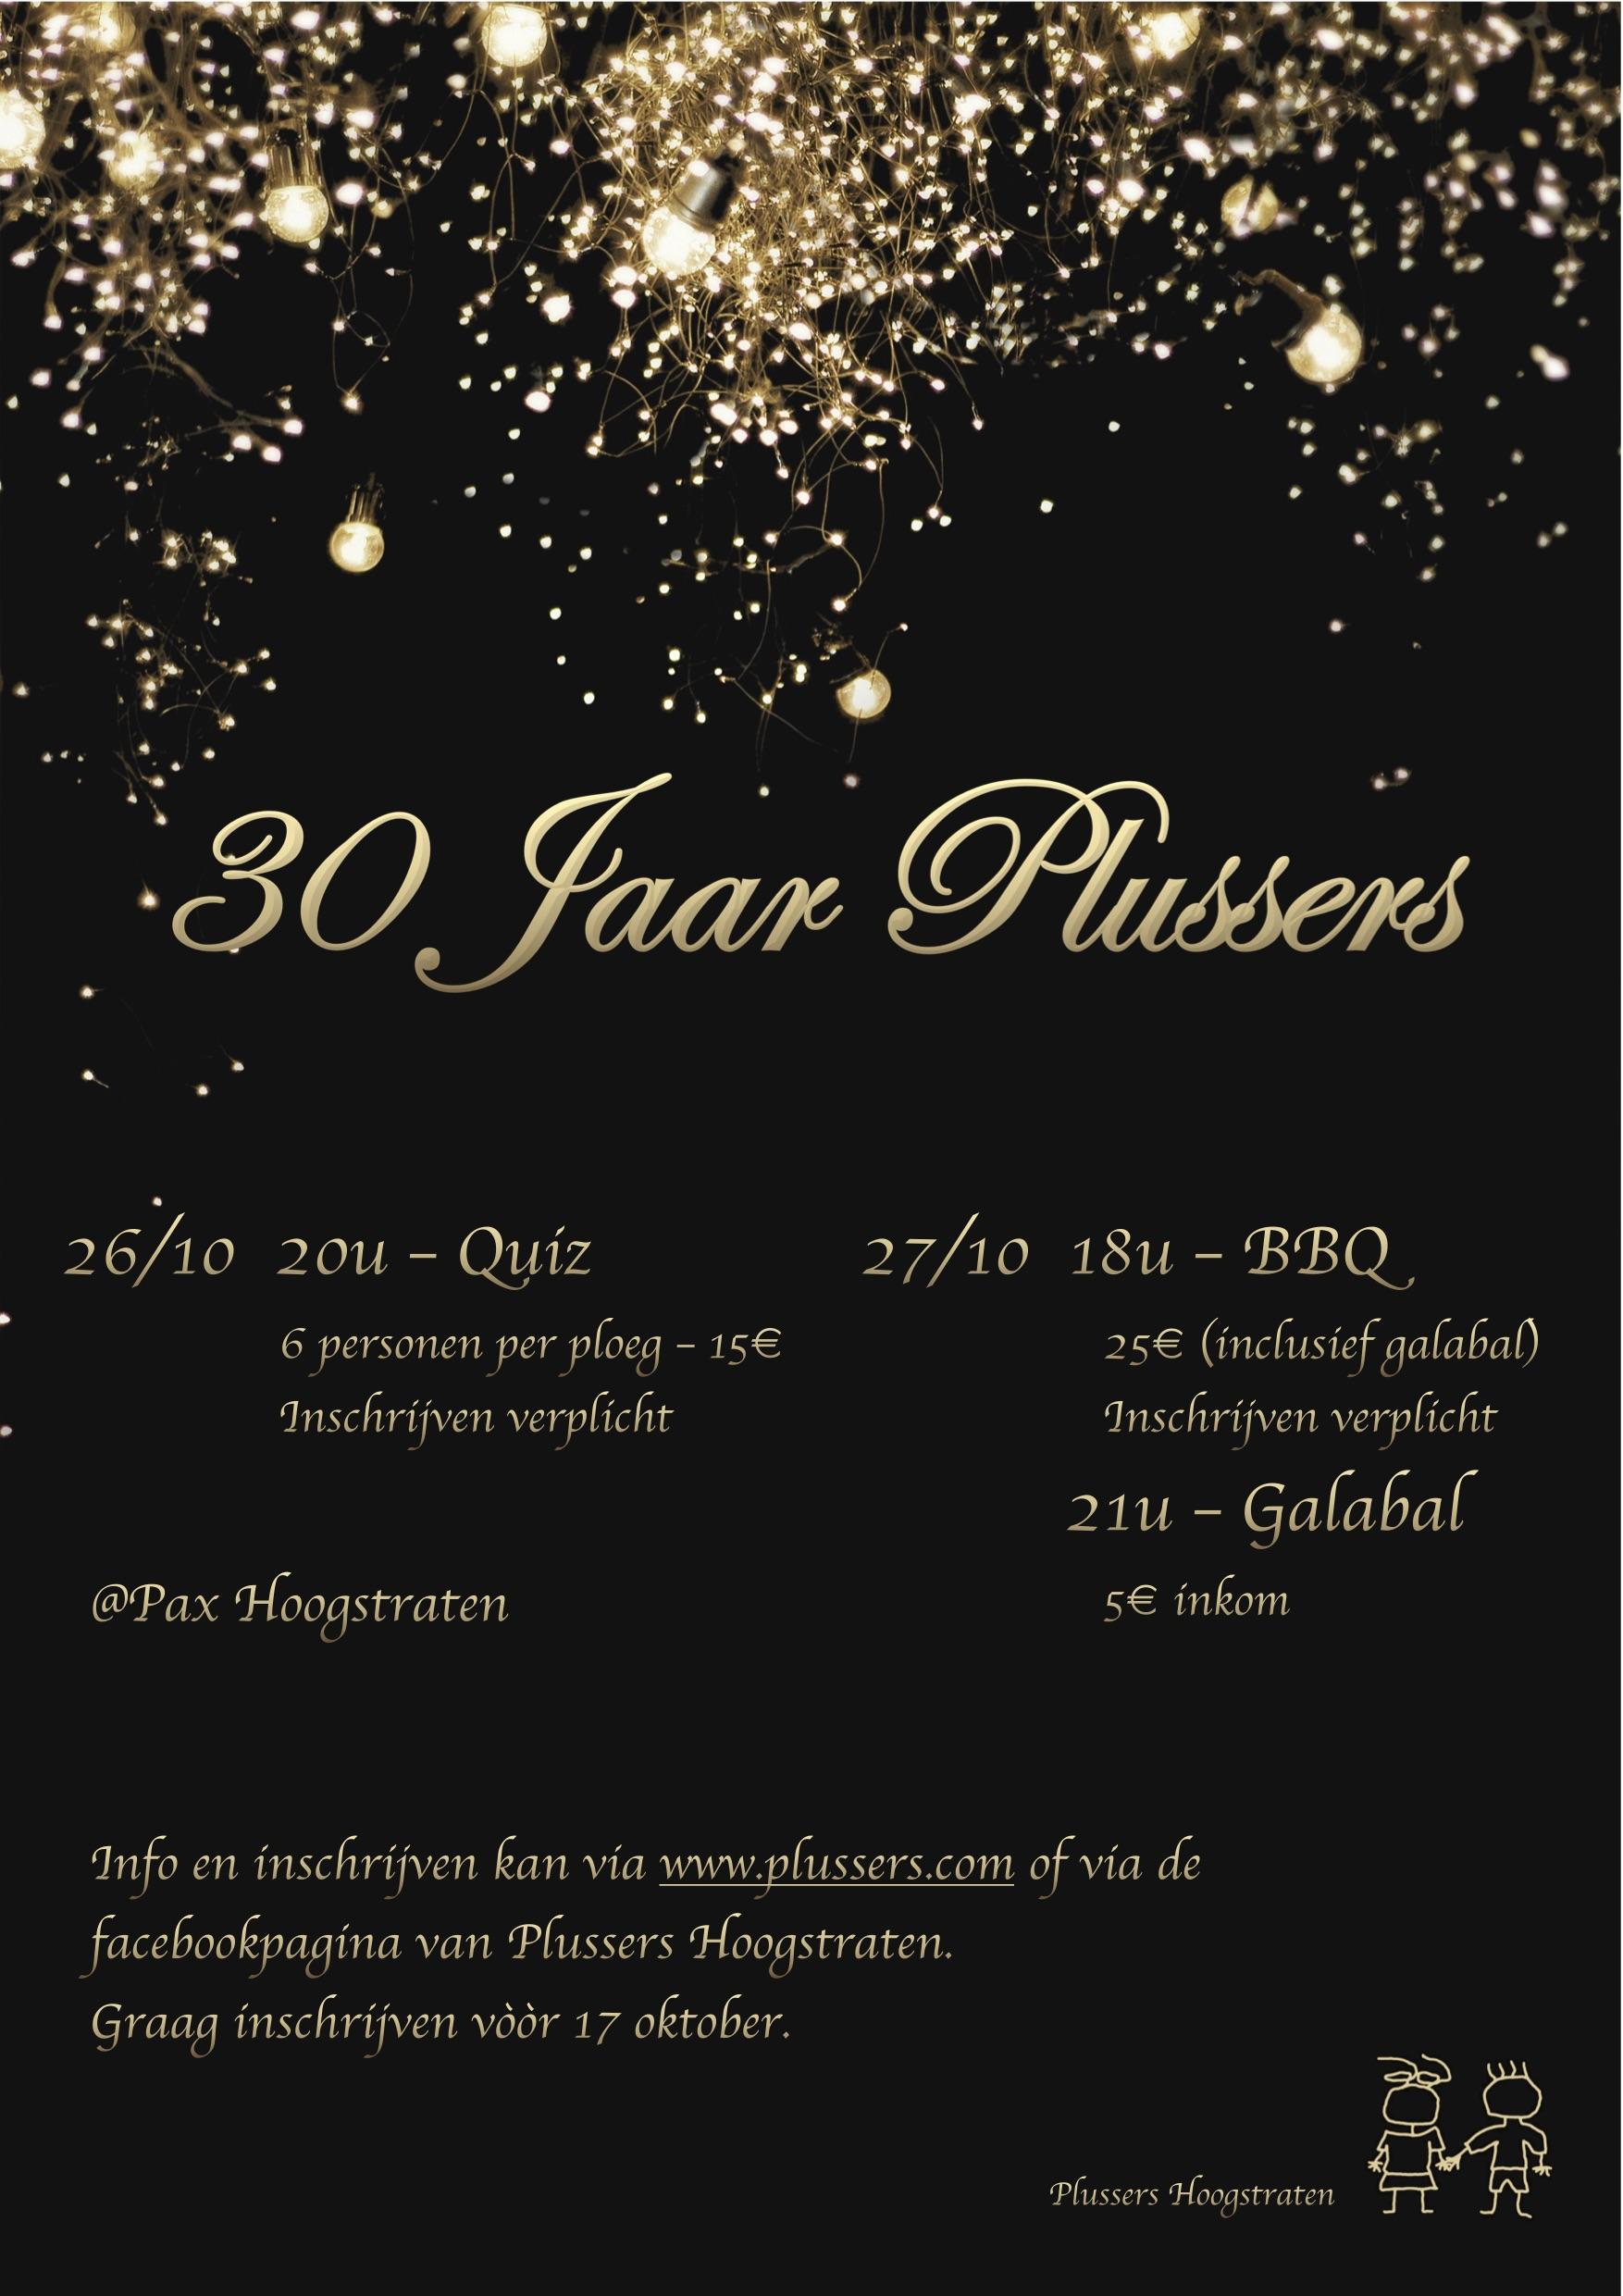 30 JAAR PLUSSERS poster